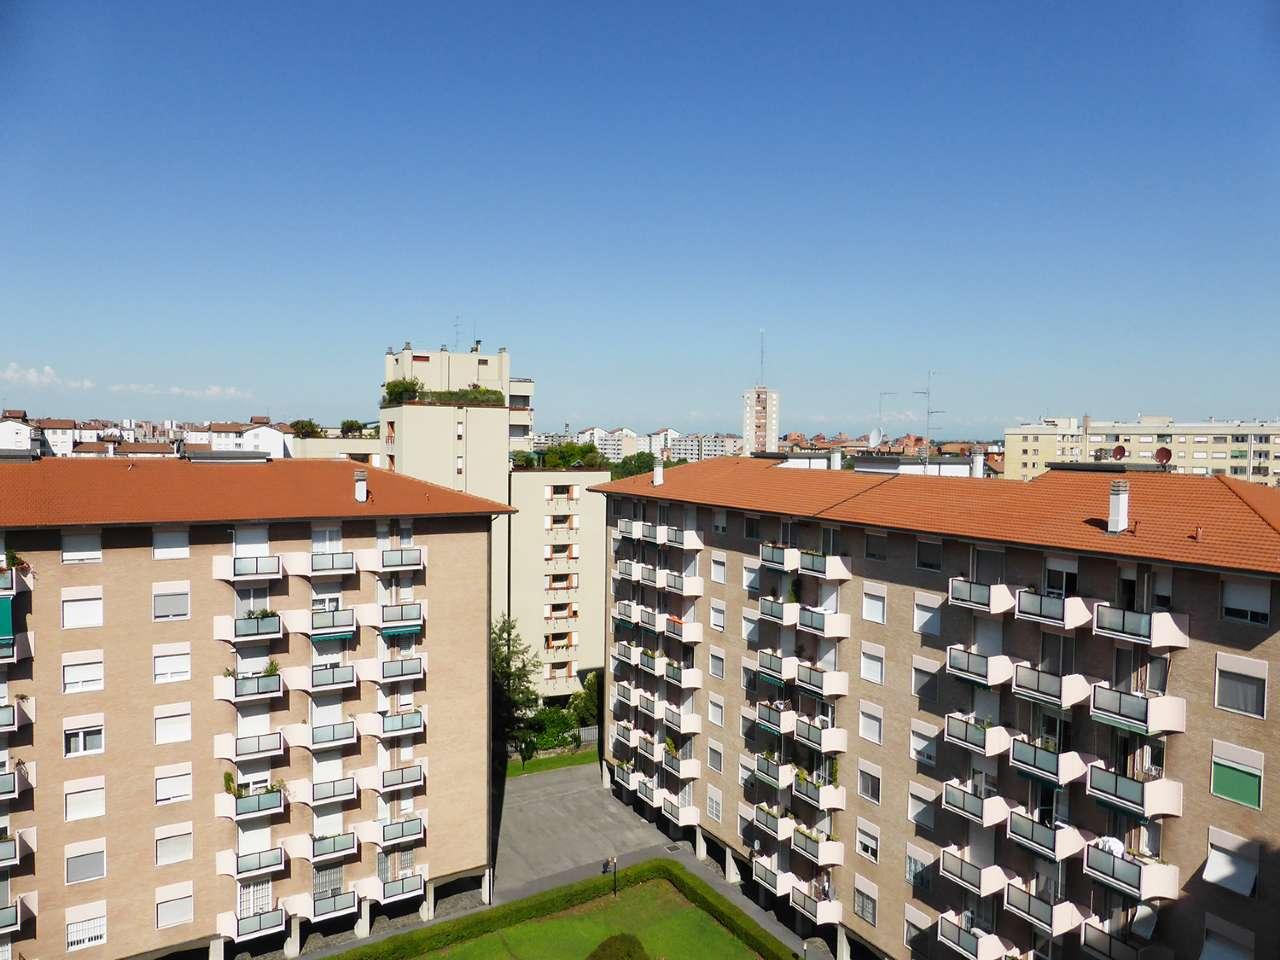 Appartamento in affitto a Milano, 5 locali, zona Zona: 13 . Baggio, Forze Armate, Quinto Romano, Bisceglie, Valsesia, prezzo € 1.550 | CambioCasa.it